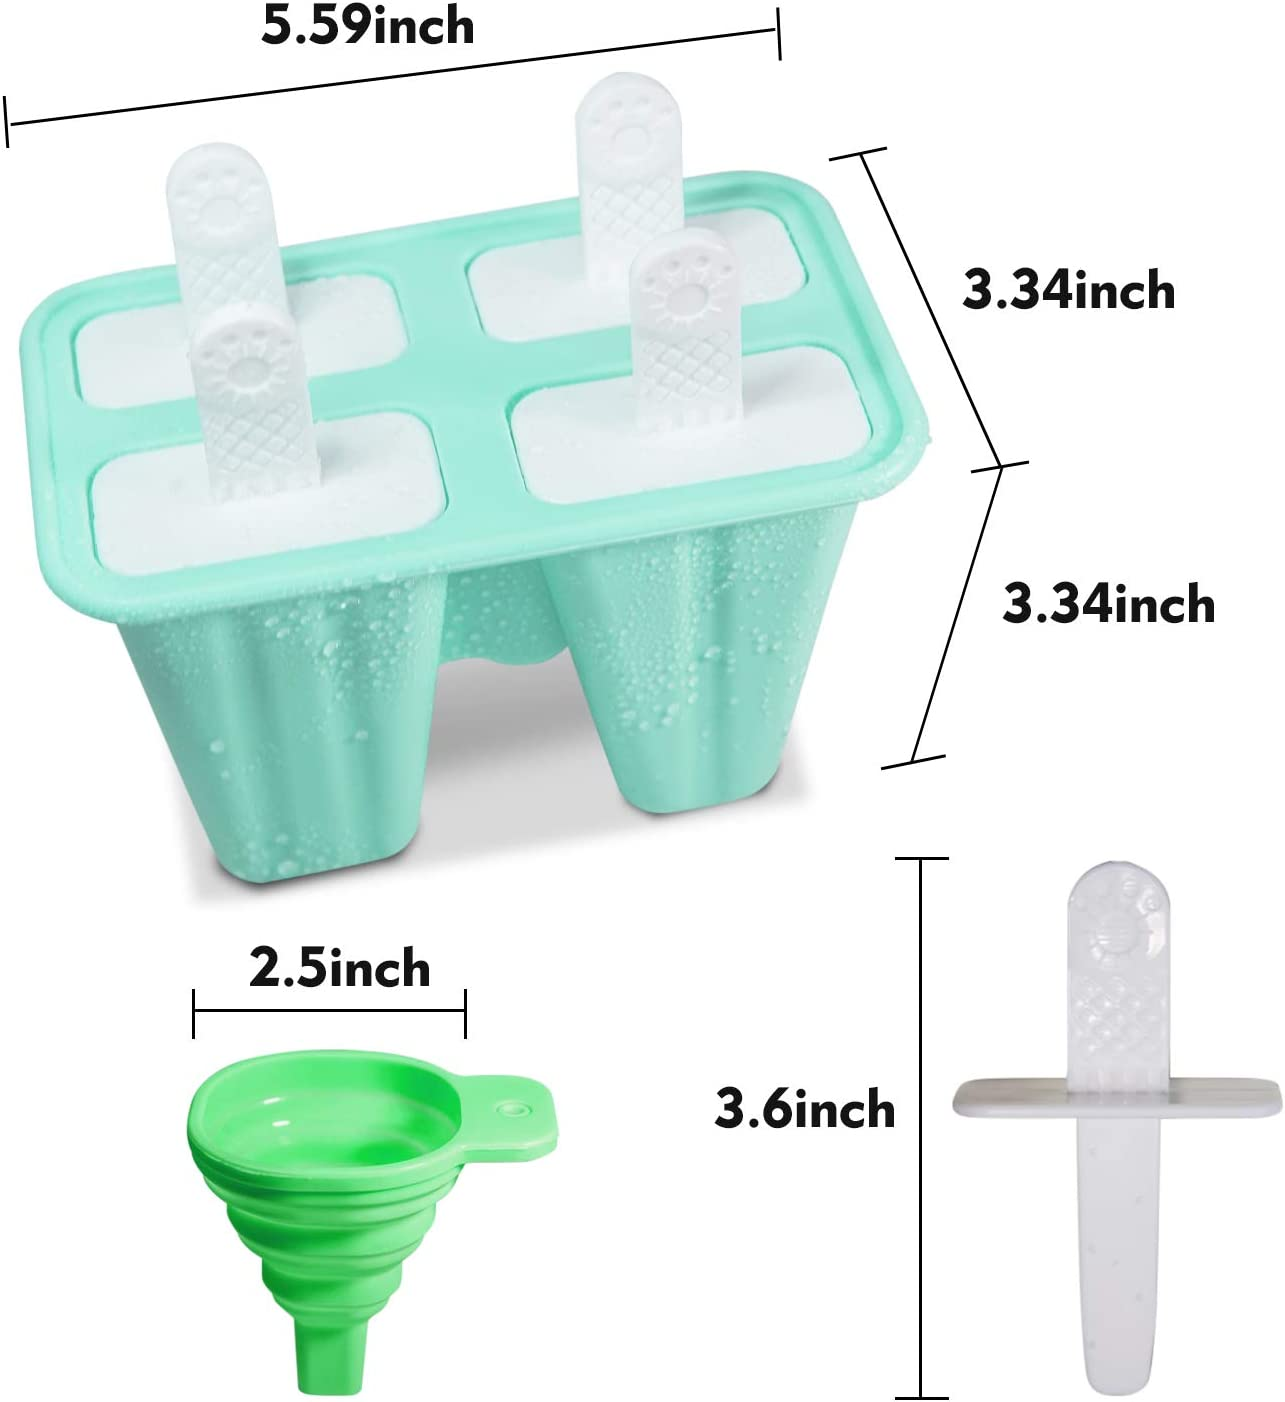 Silikon-Eislutscherformen 4 Eis am Stiel Formen Set Wiederverwendbare Eisform Ice Pop Maker Eislutscherform f/ür Kinder BPA frei Mit Reinigungsb/ürste und Falttrichter Gr/ün